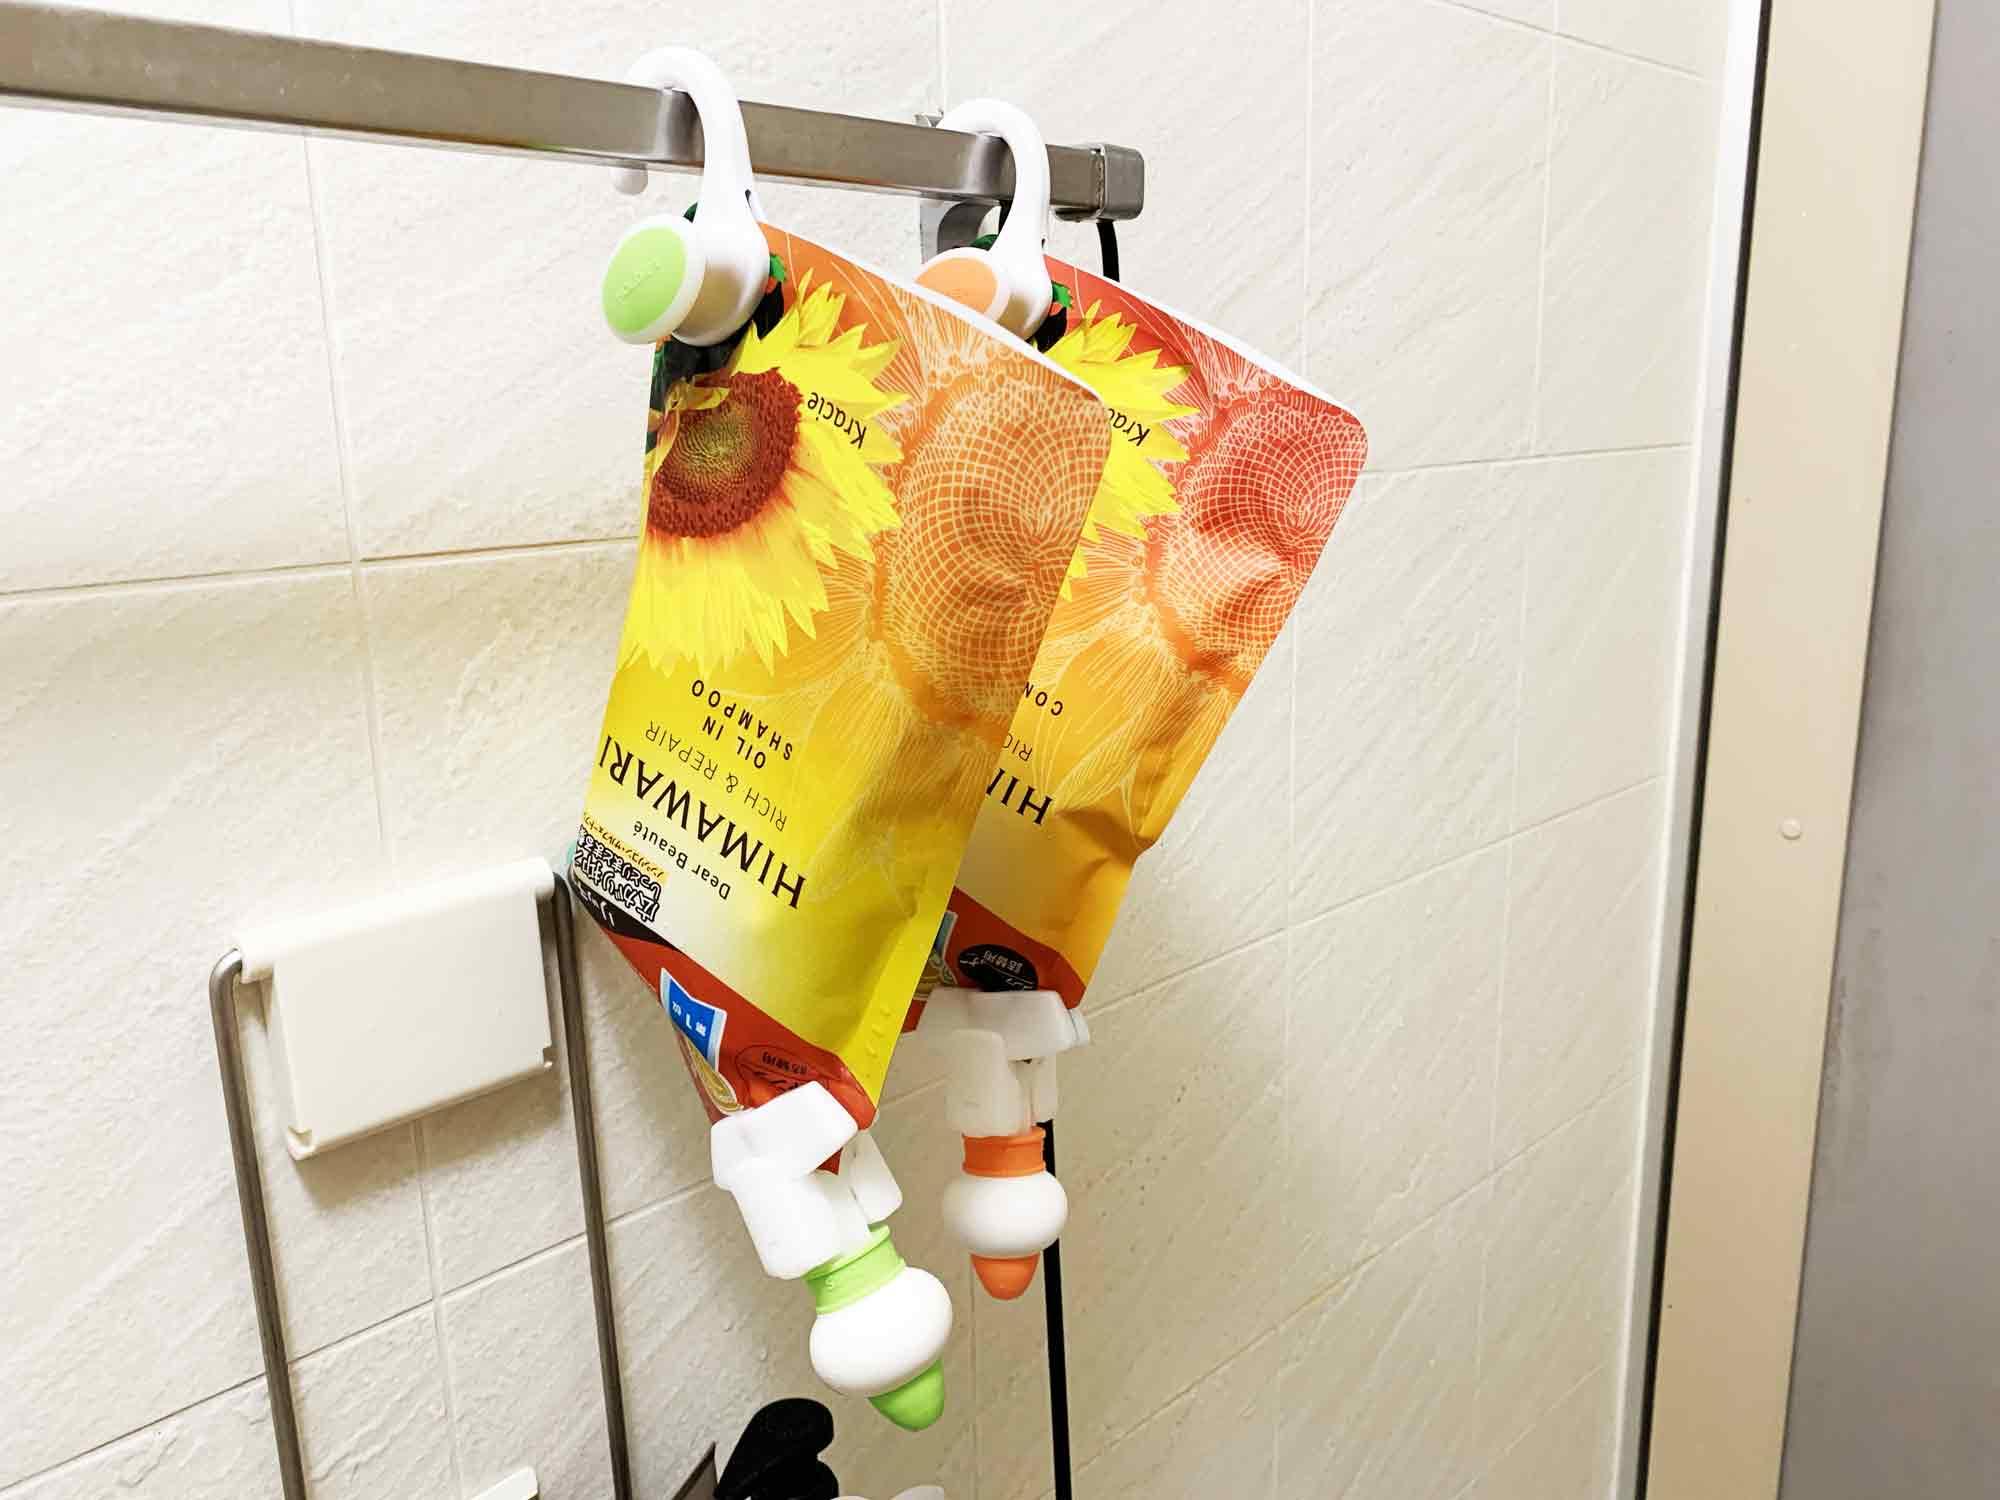 浴室のハンガーラックにぶら下げたシャンプーとコンディショナーの詰め替え用パッケージ